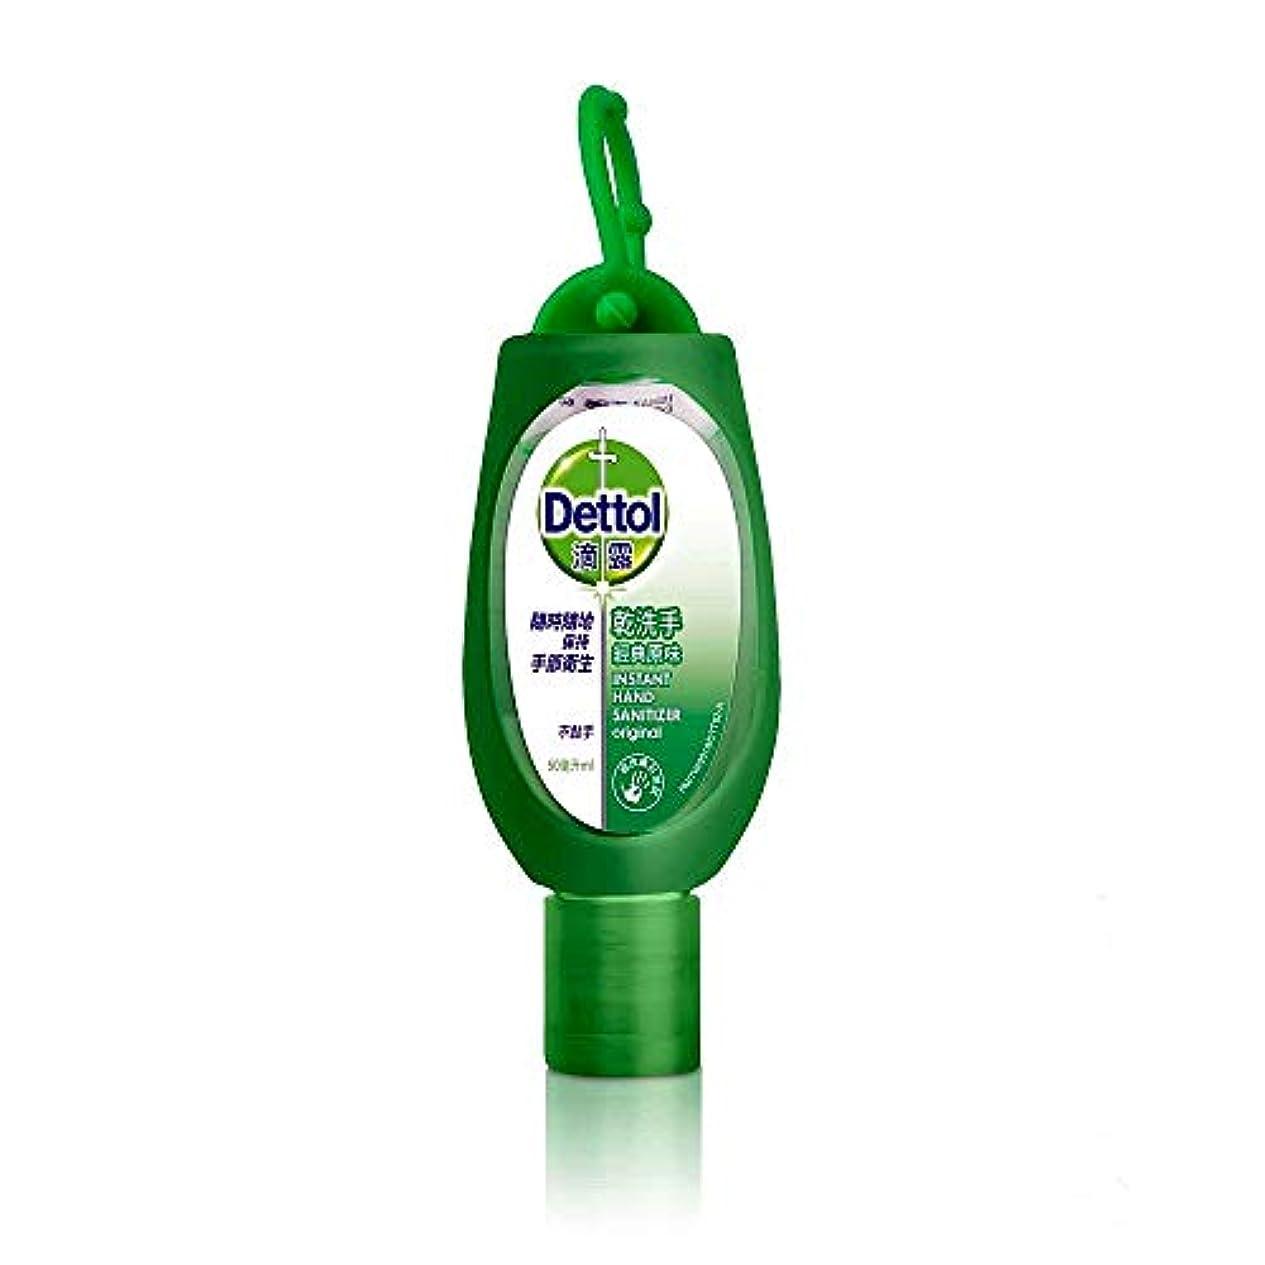 ファントム長さ文字Dettol 50ml-防止細菌からの新鮮な液体石鹸、99.9%。石鹸や水なし